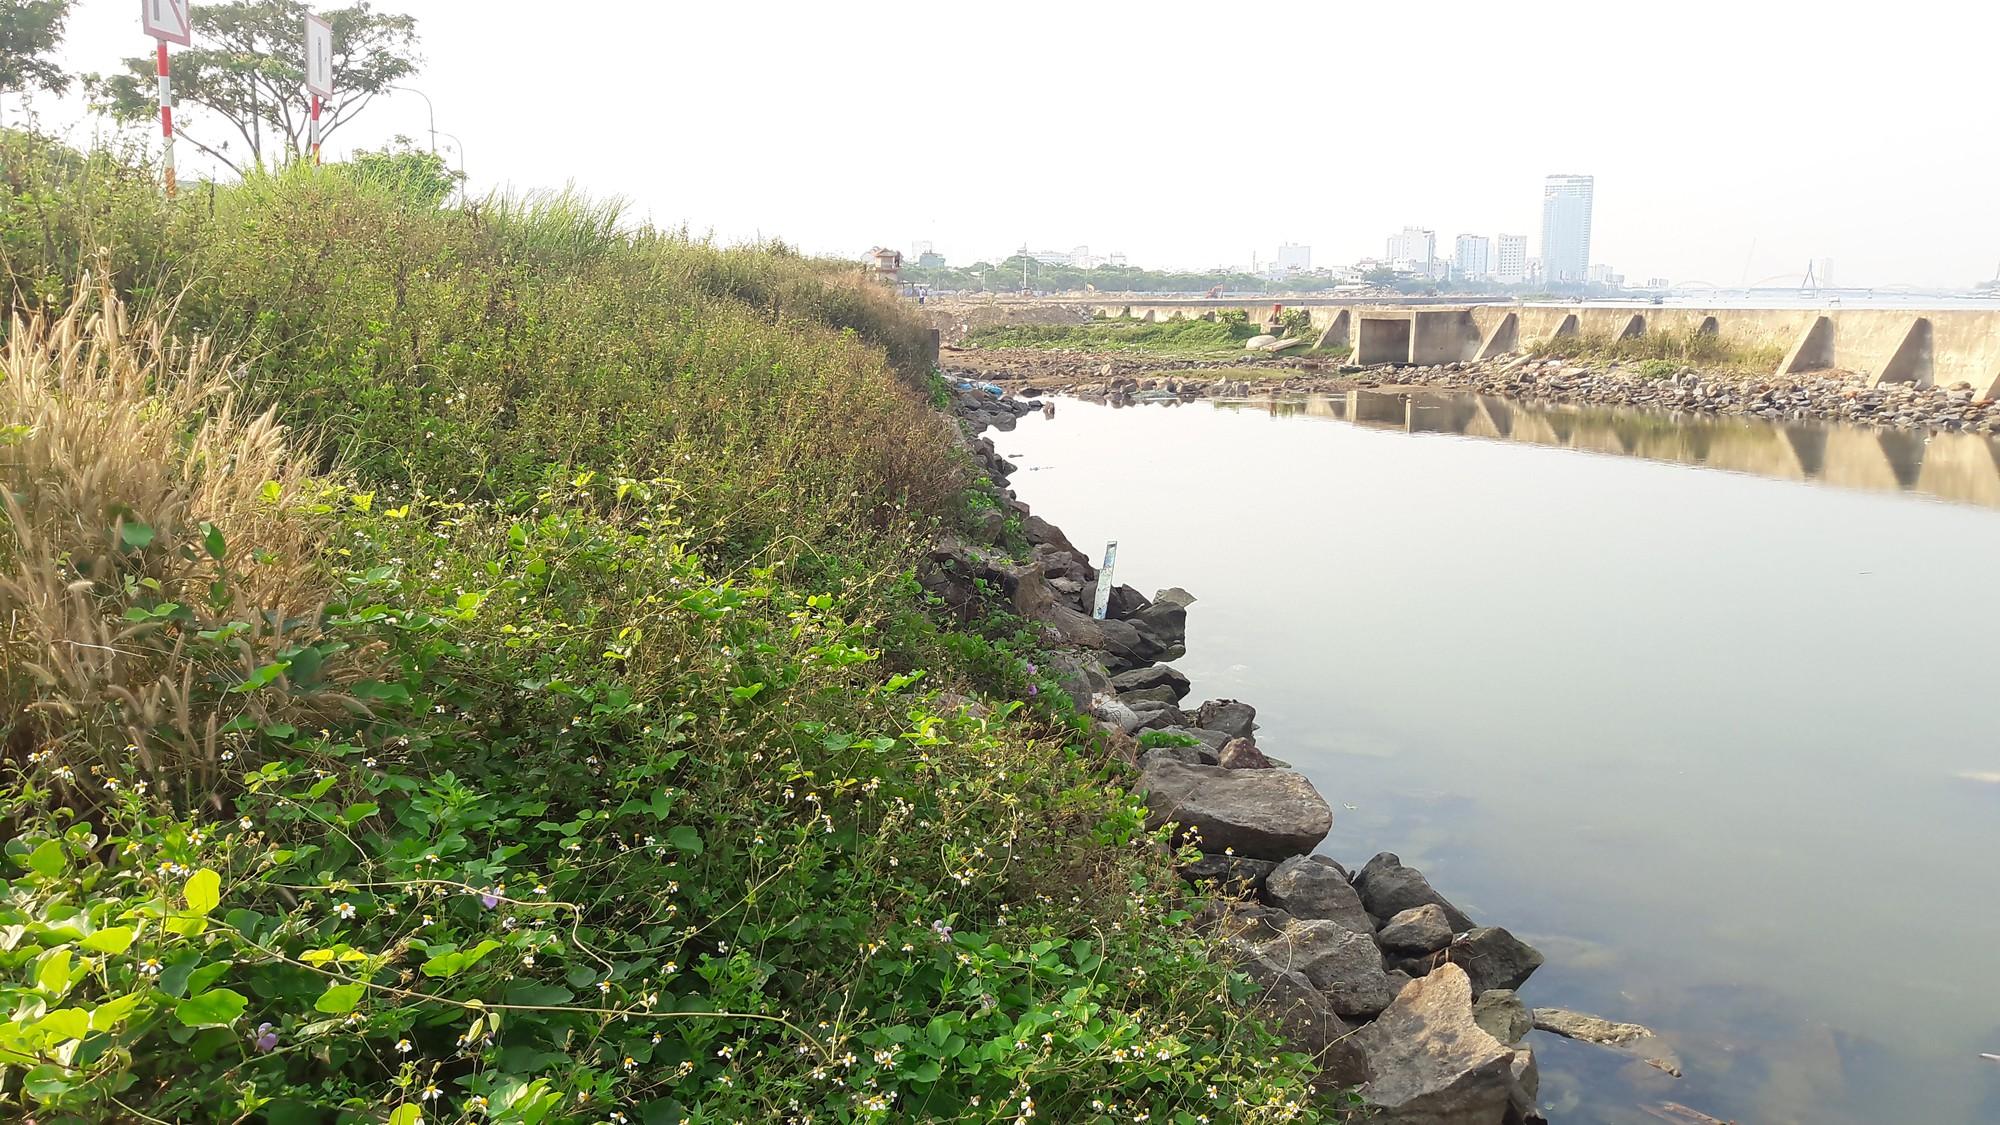 Yêu cầu công khai đánh giá tác động môi trường Dự án bất động sản và bến du thuyền - Marina Complex lấn sông Hàn - Ảnh 1.